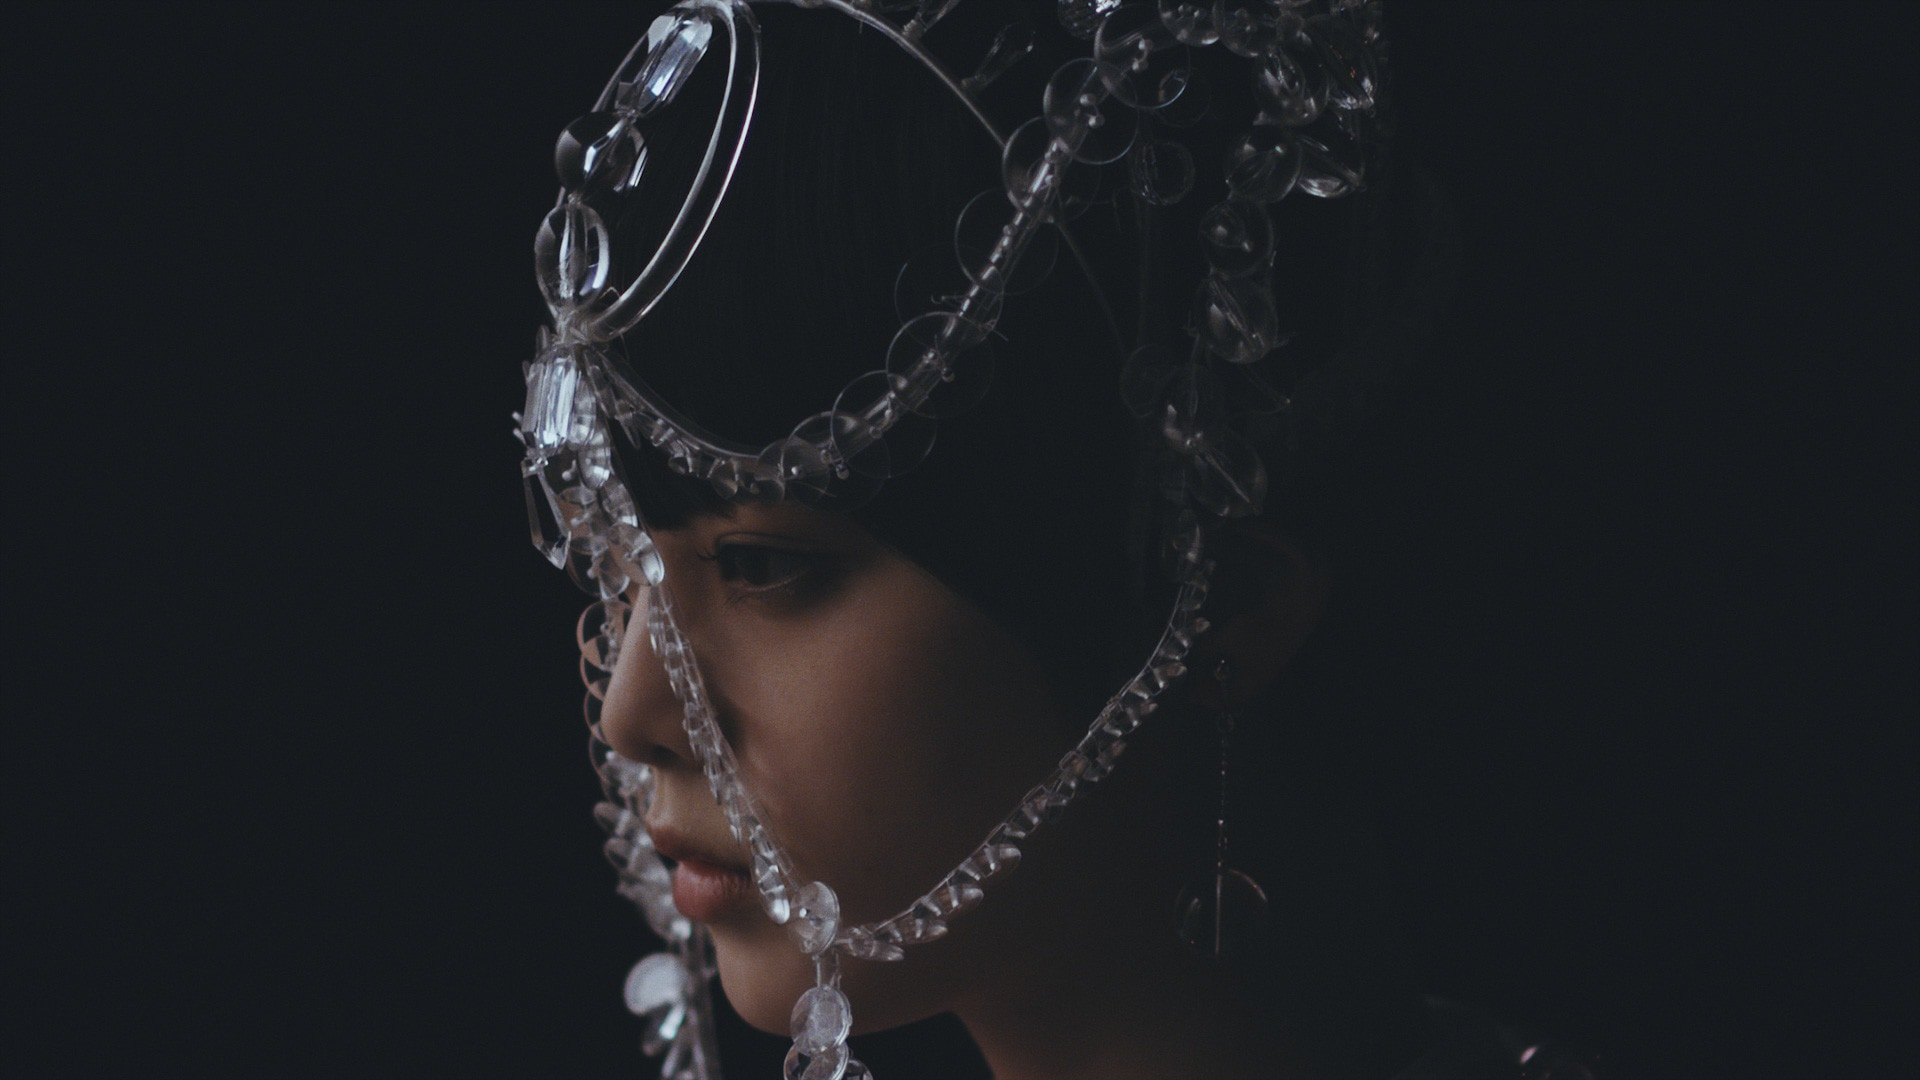 欅坂46の平手友梨奈が アンリアレイジ 2019年春夏コレクションの